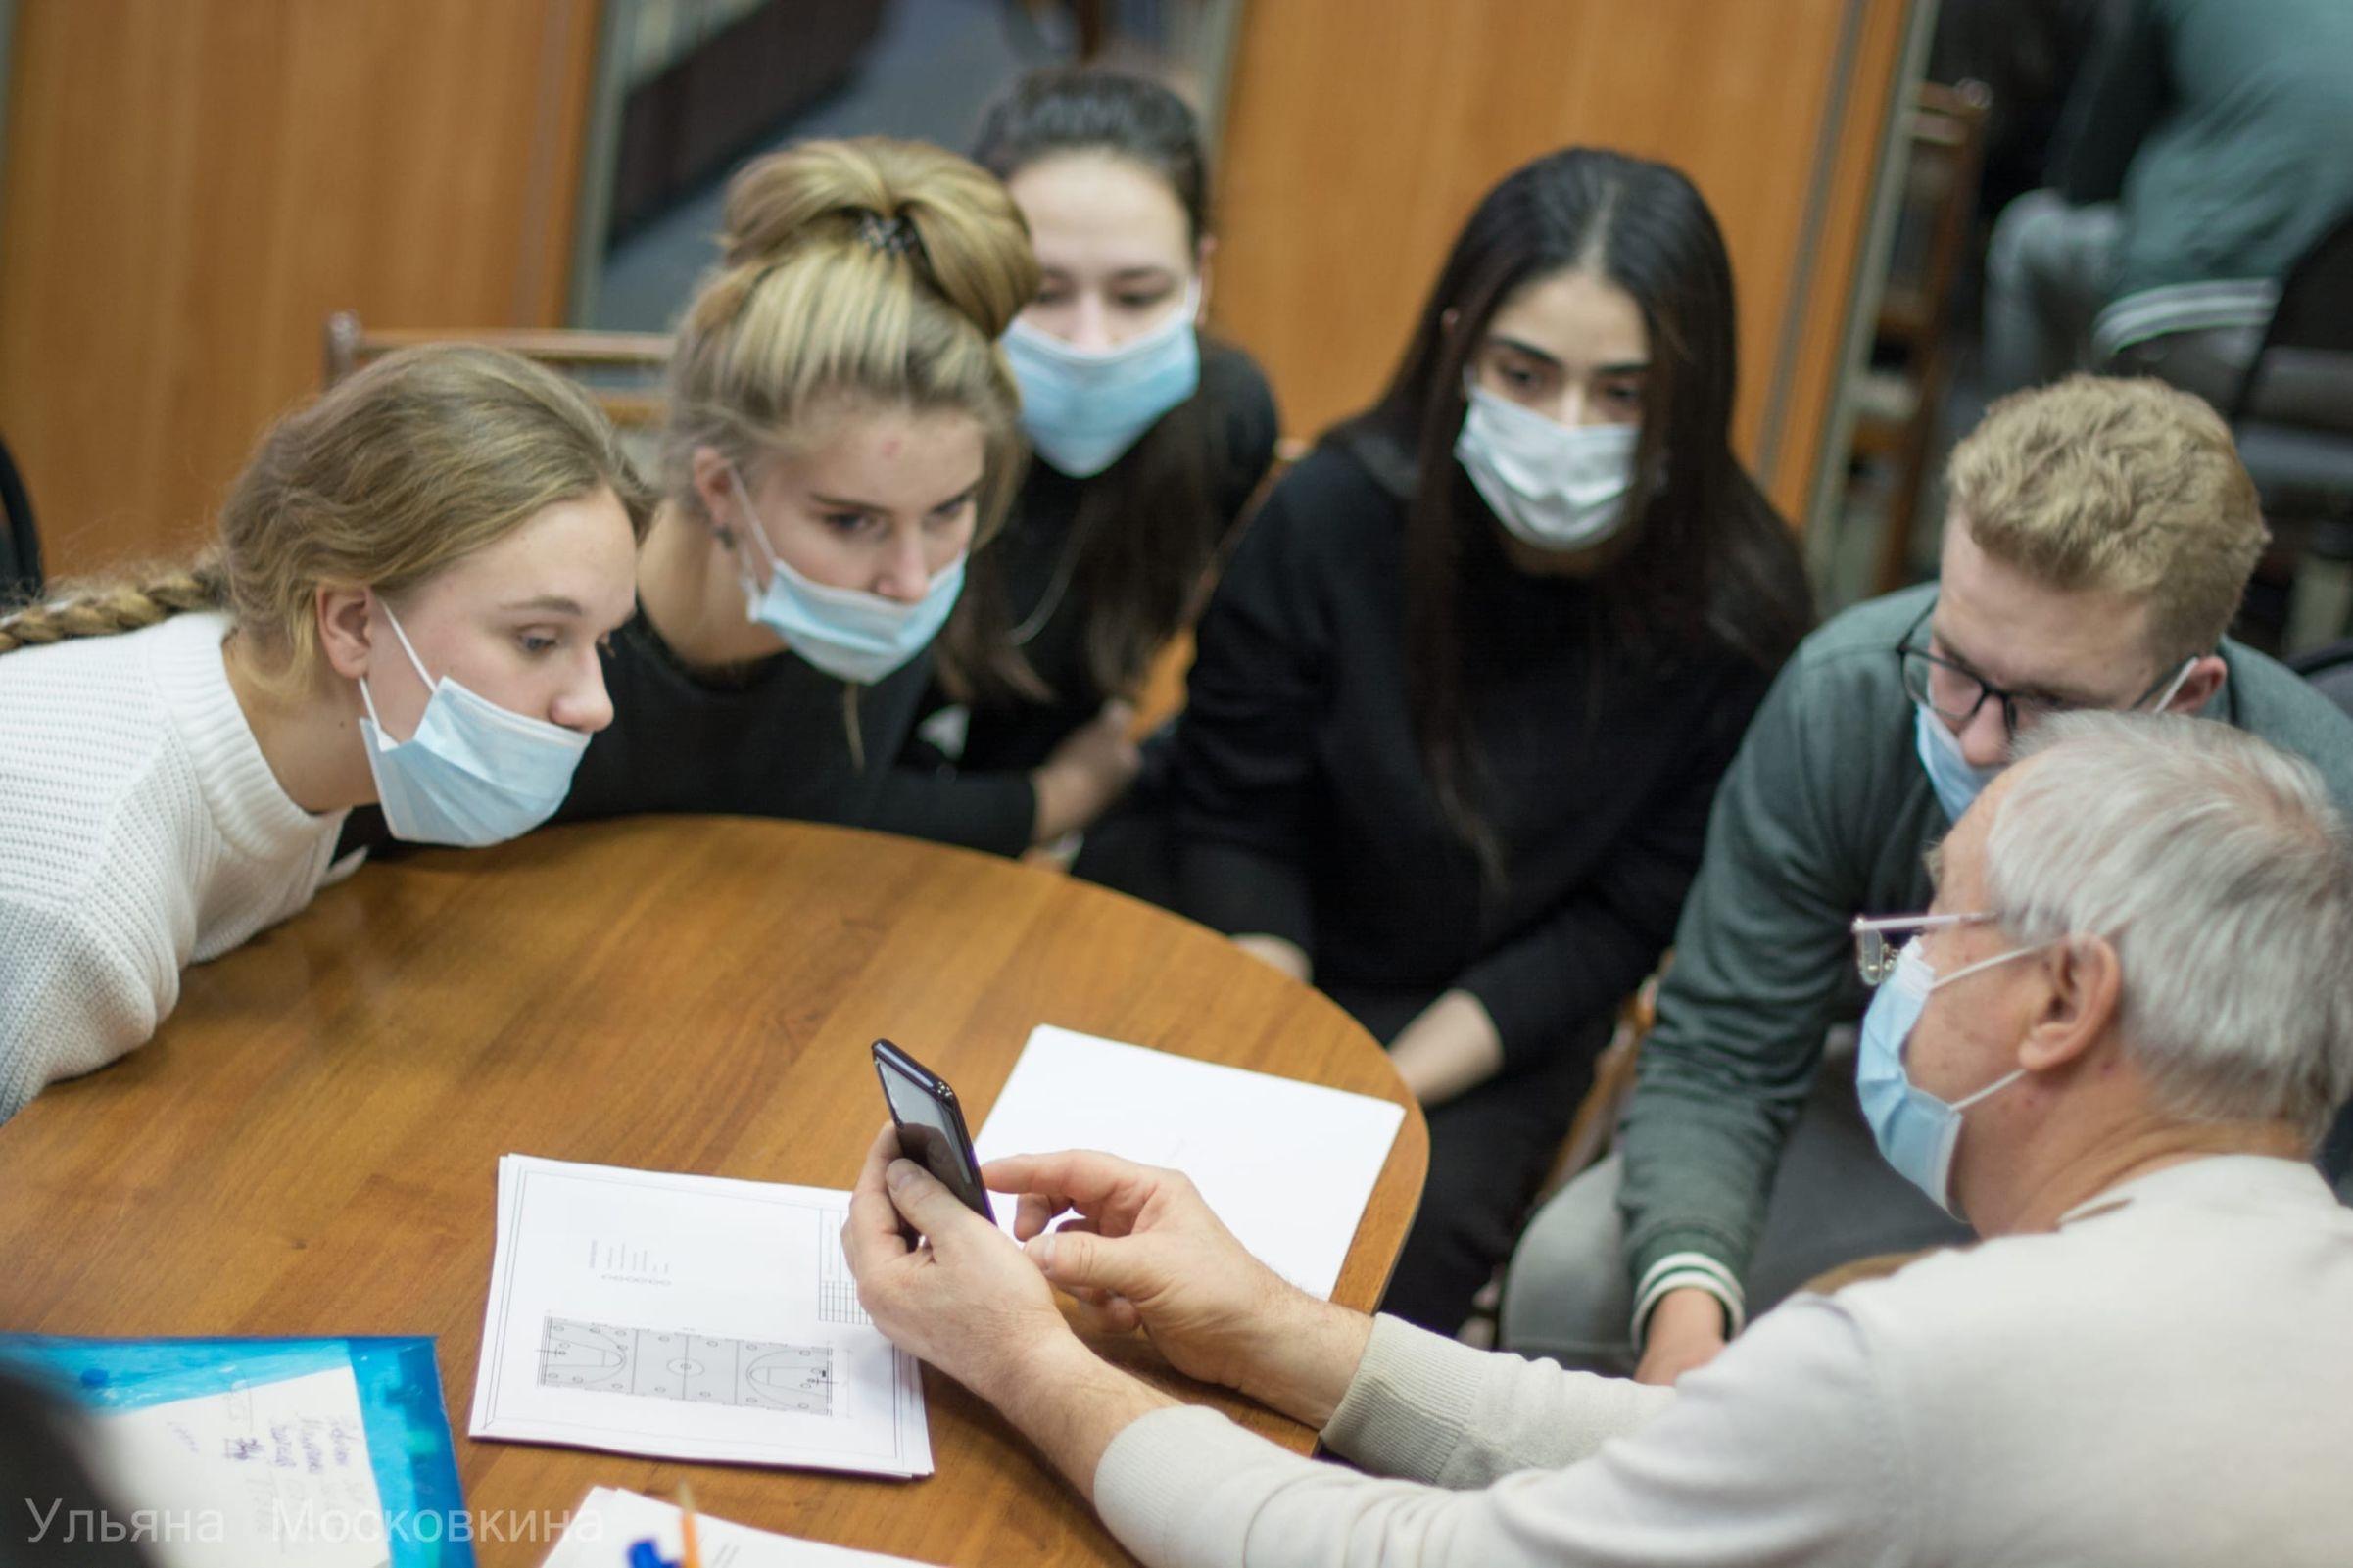 Отремонтируют 10 образовательных учреждений: как реализуется программа «Решаем вместе!» в школах Ярославской области